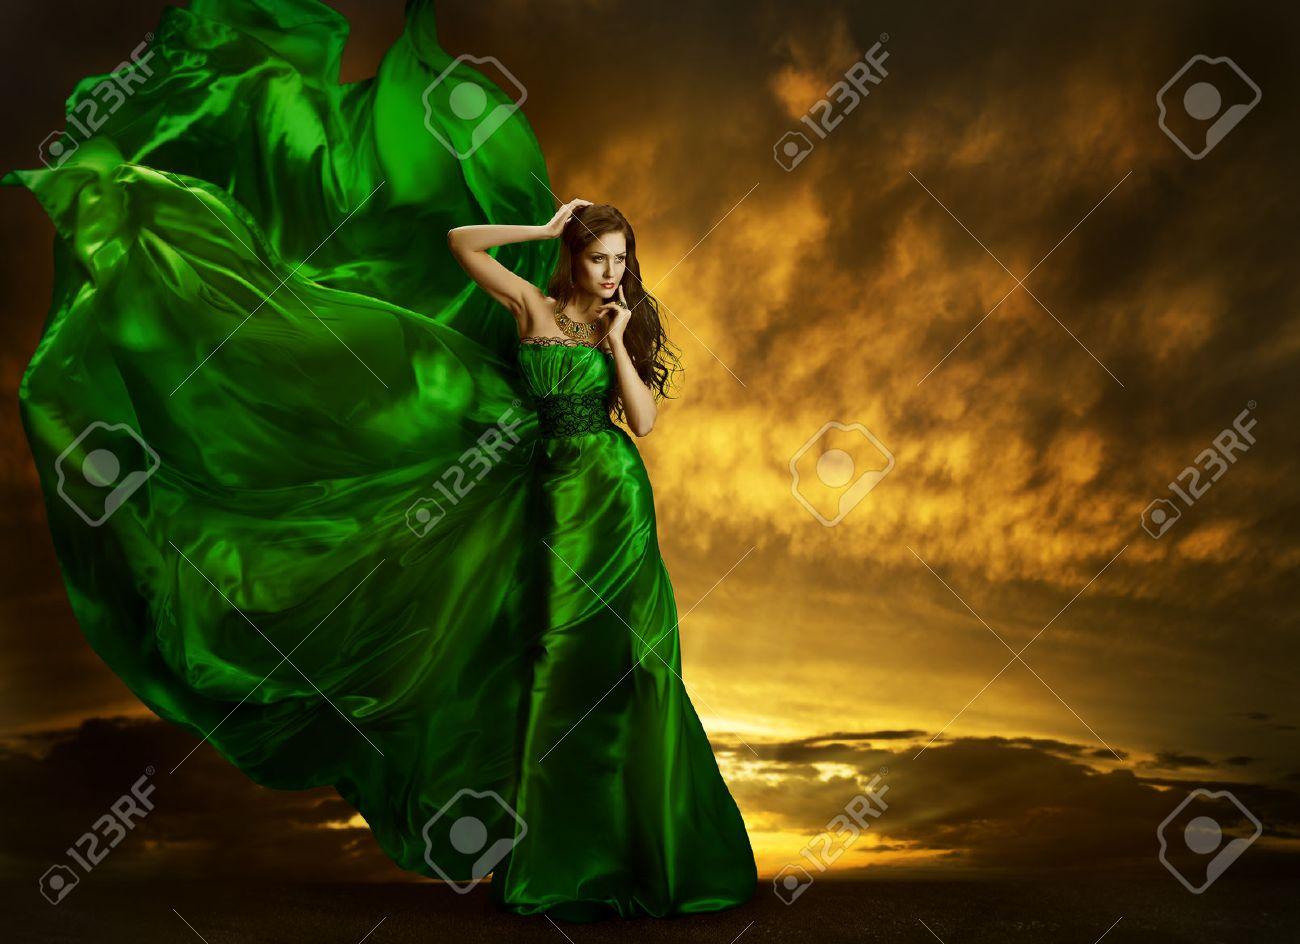 Woman Fashion Dress Fluttering On Wind Elegant Girl Portrait